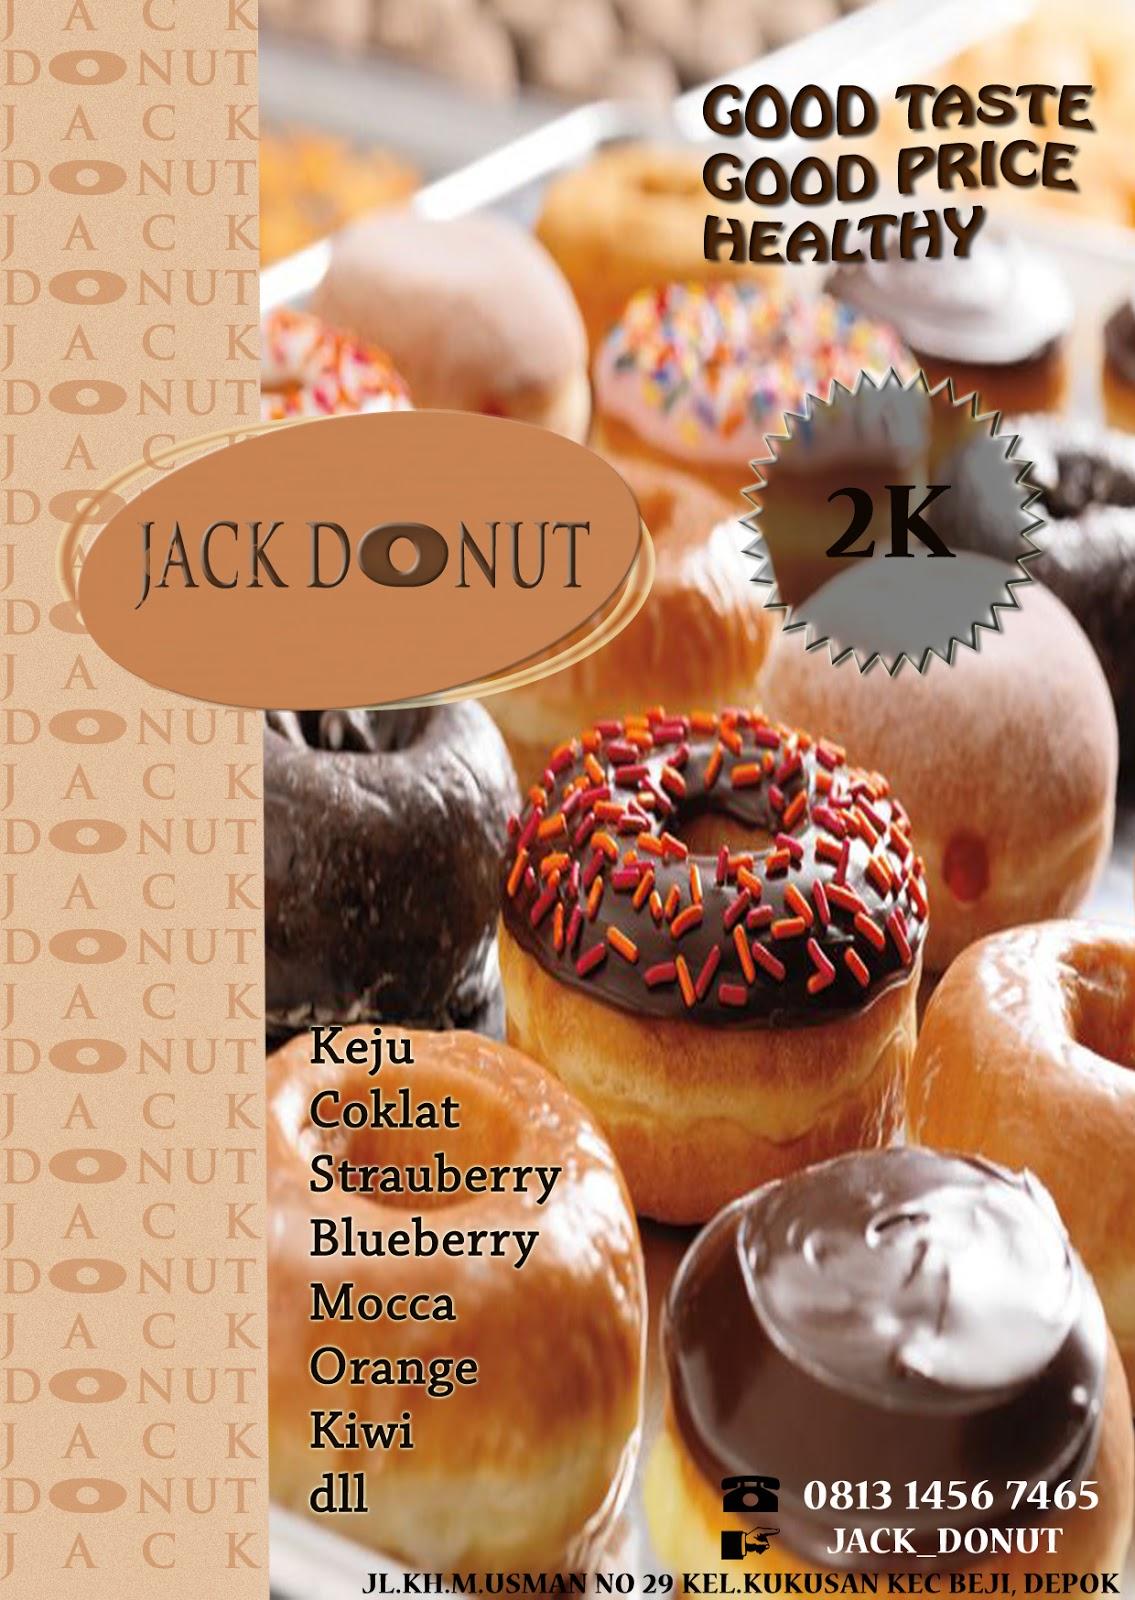 Jack Donut